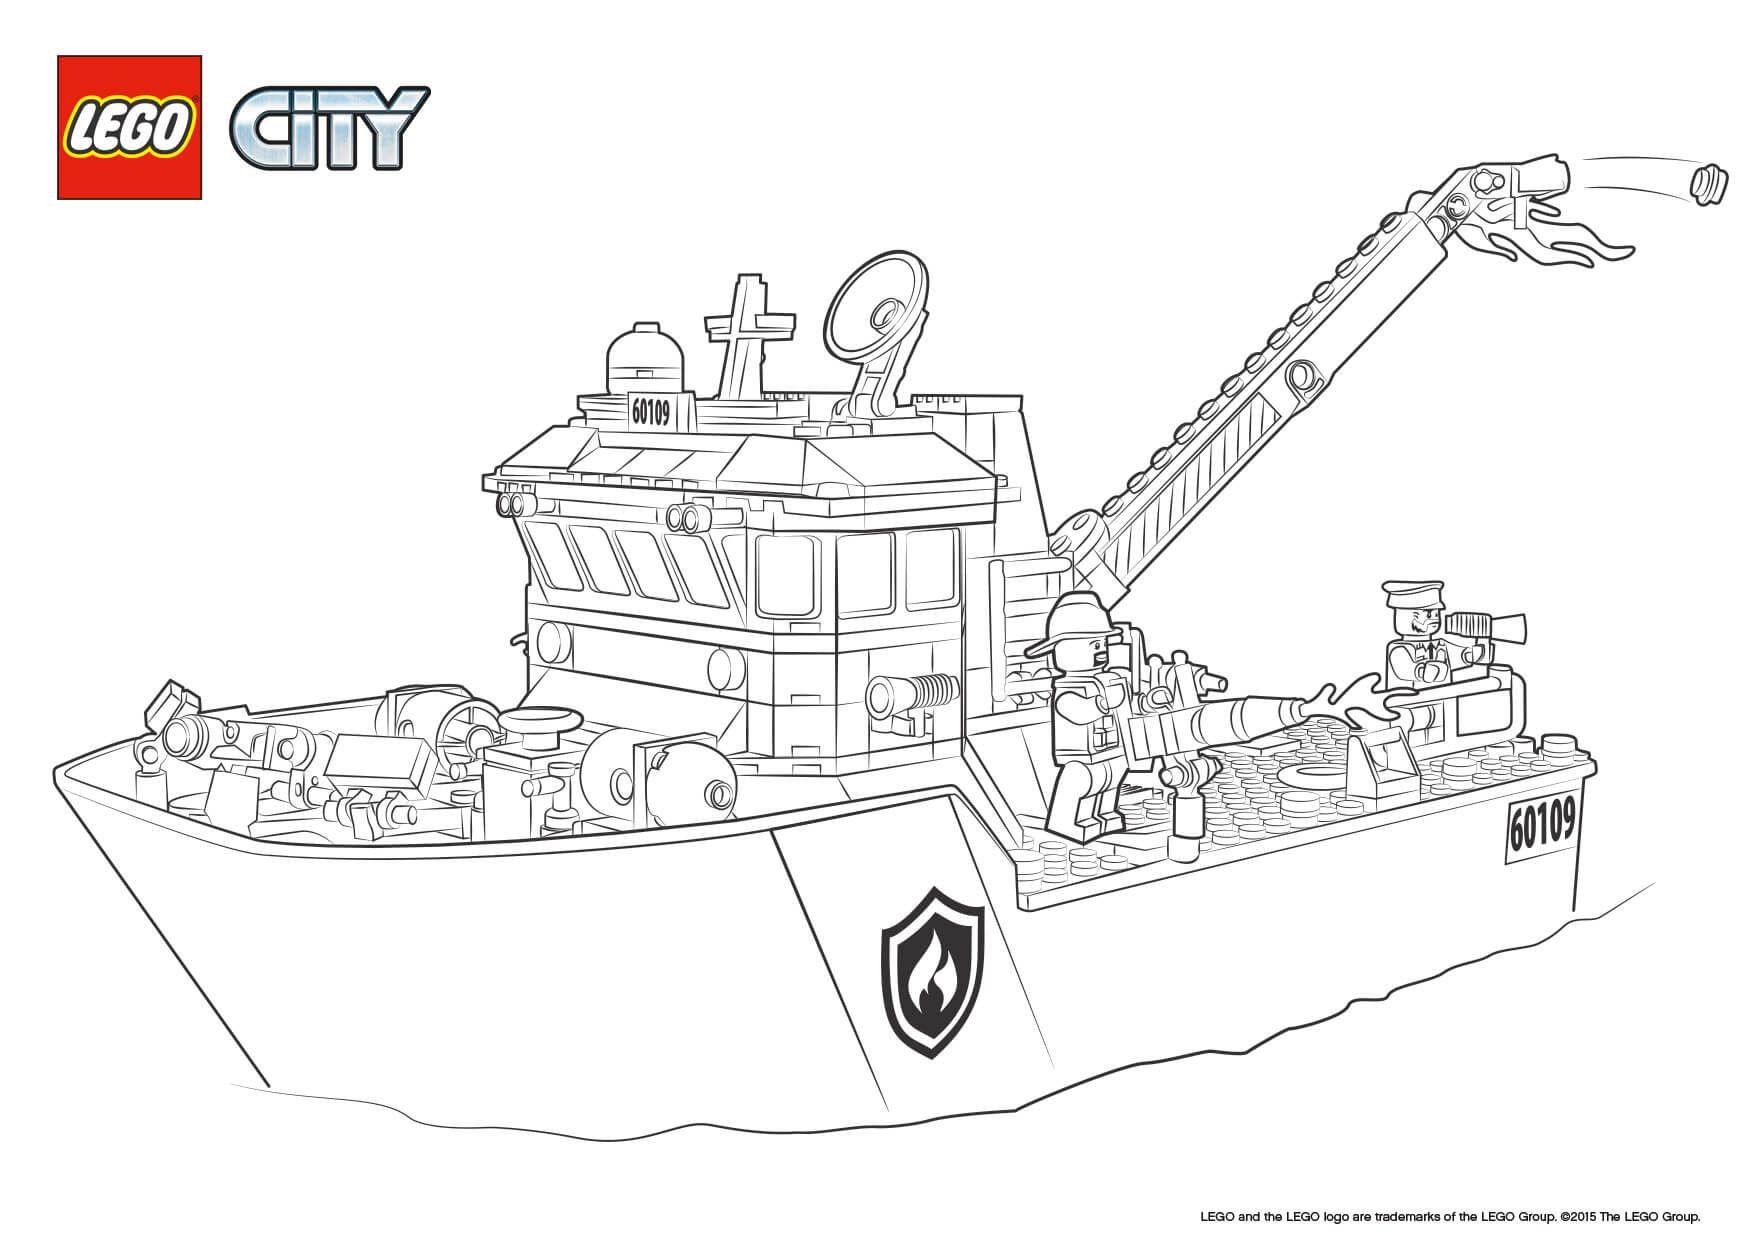 Lego City Ausmalbilder  lego city feuerwehr ausmalbilder 842 Malvorlage Lego